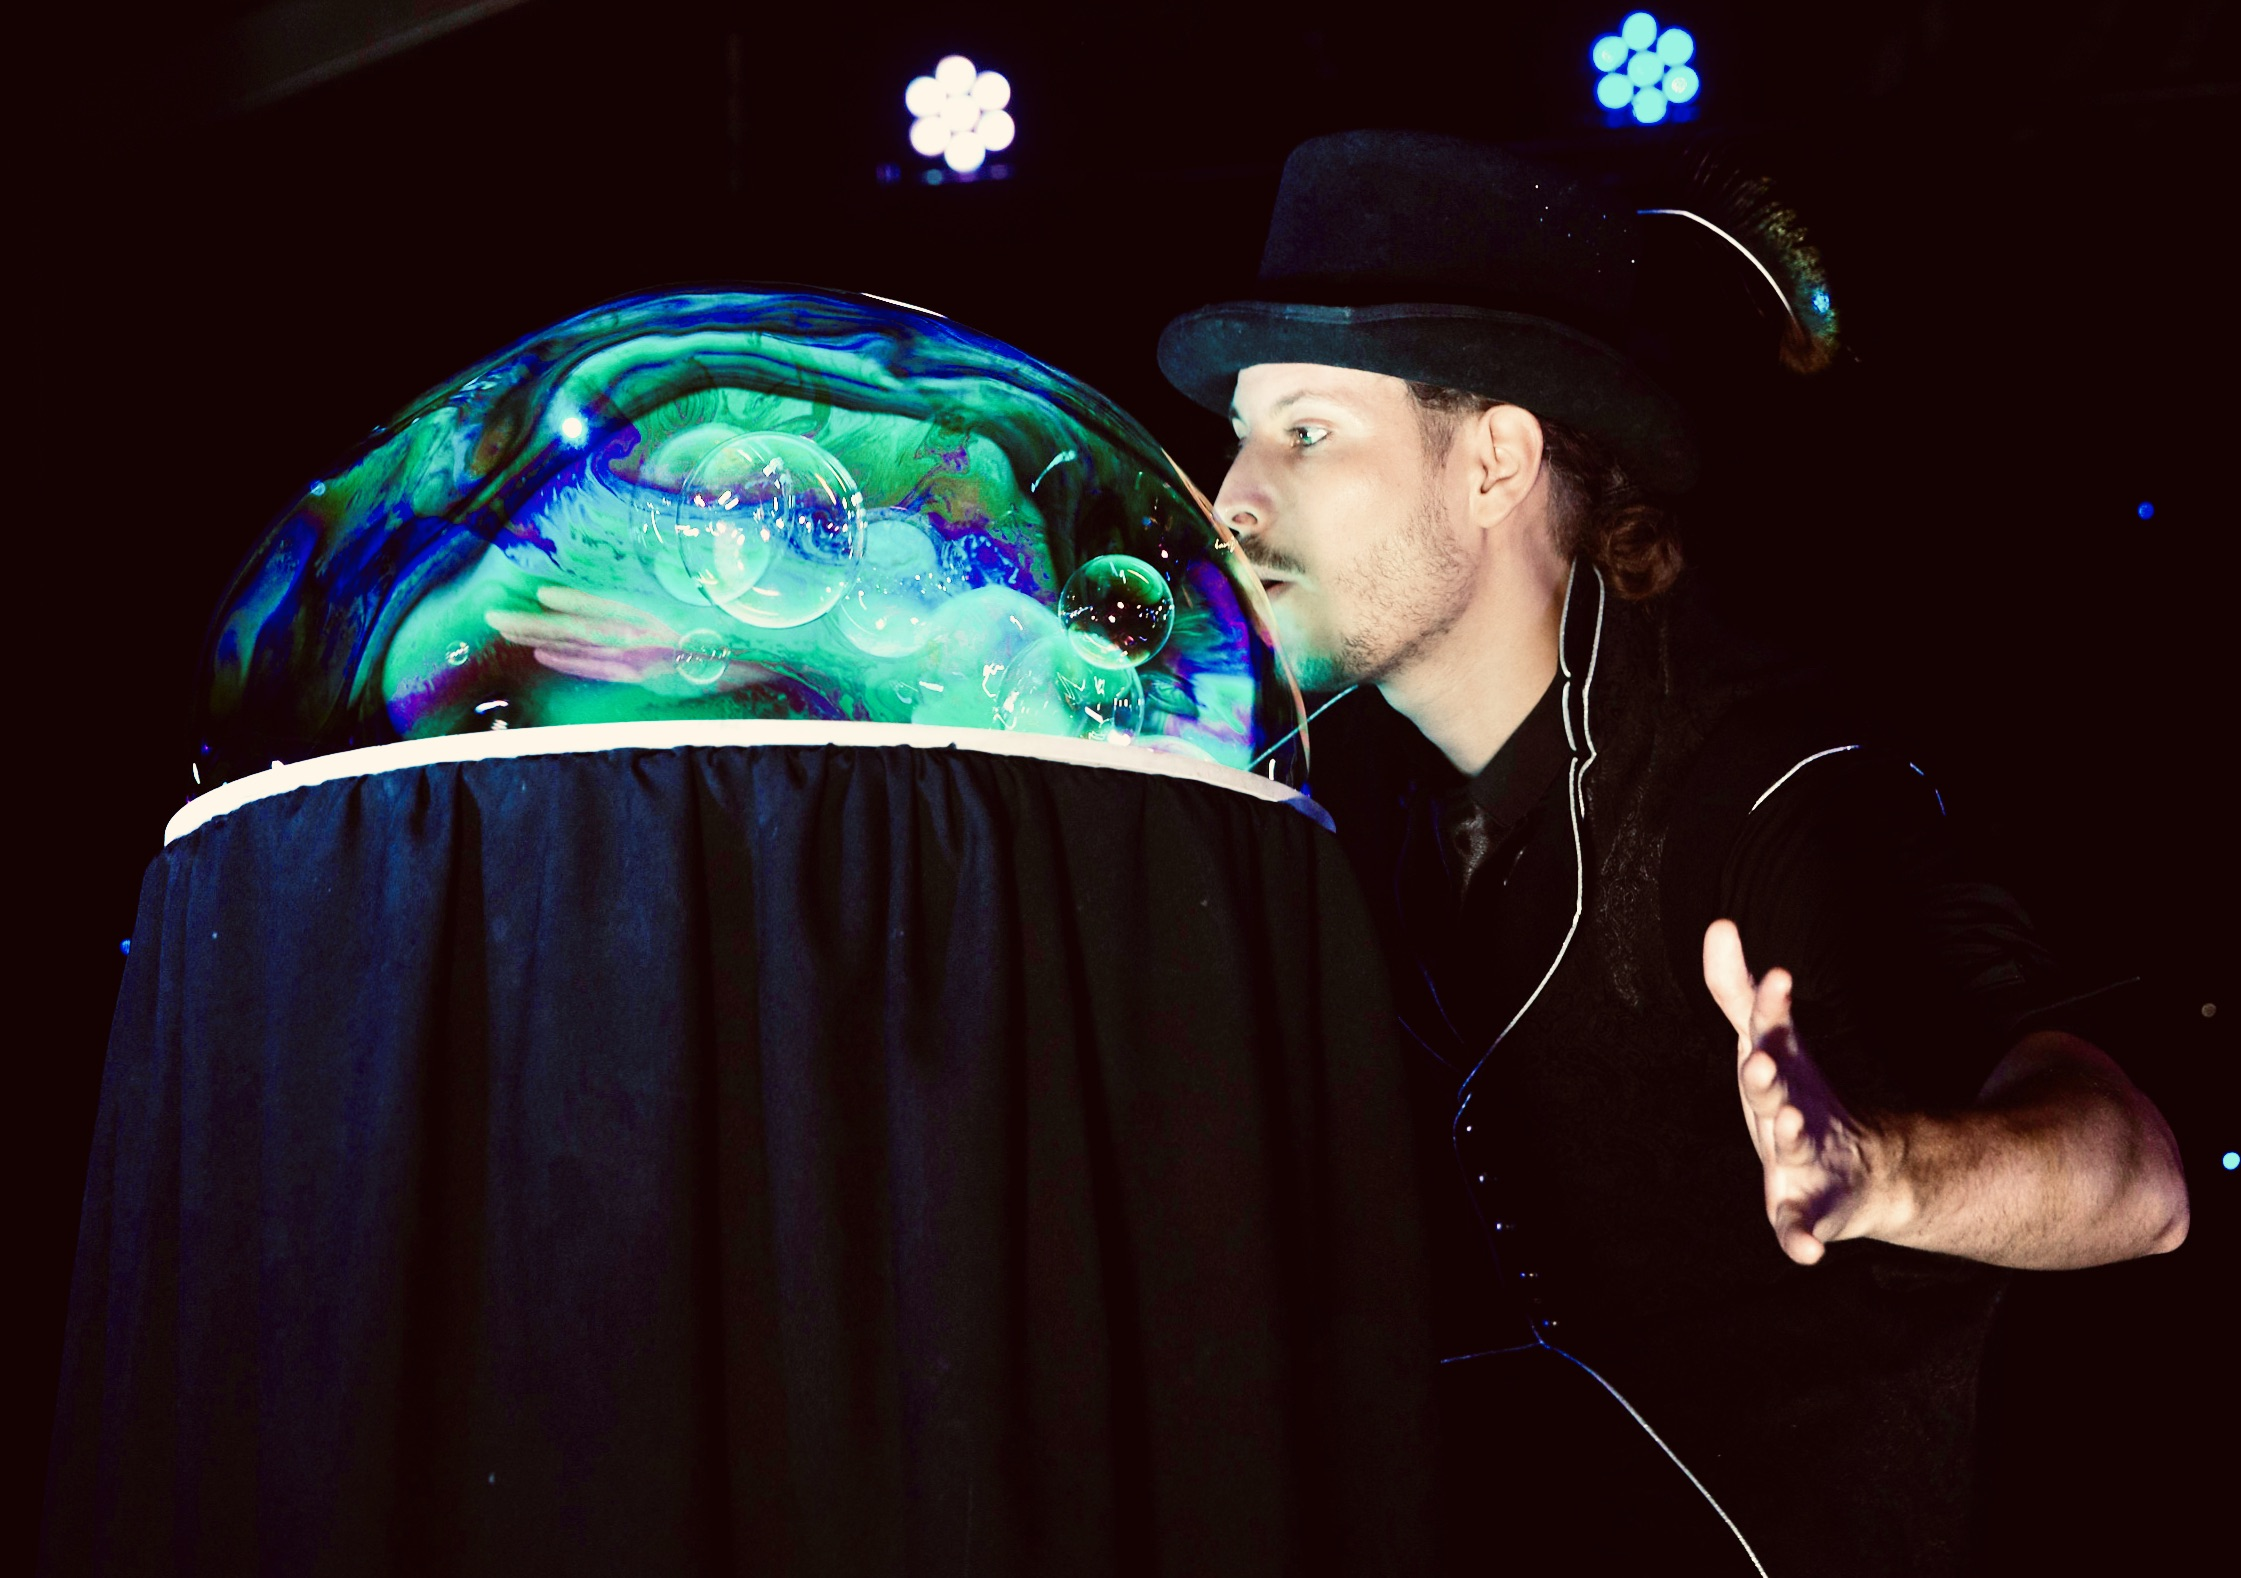 Le dôme de bulles